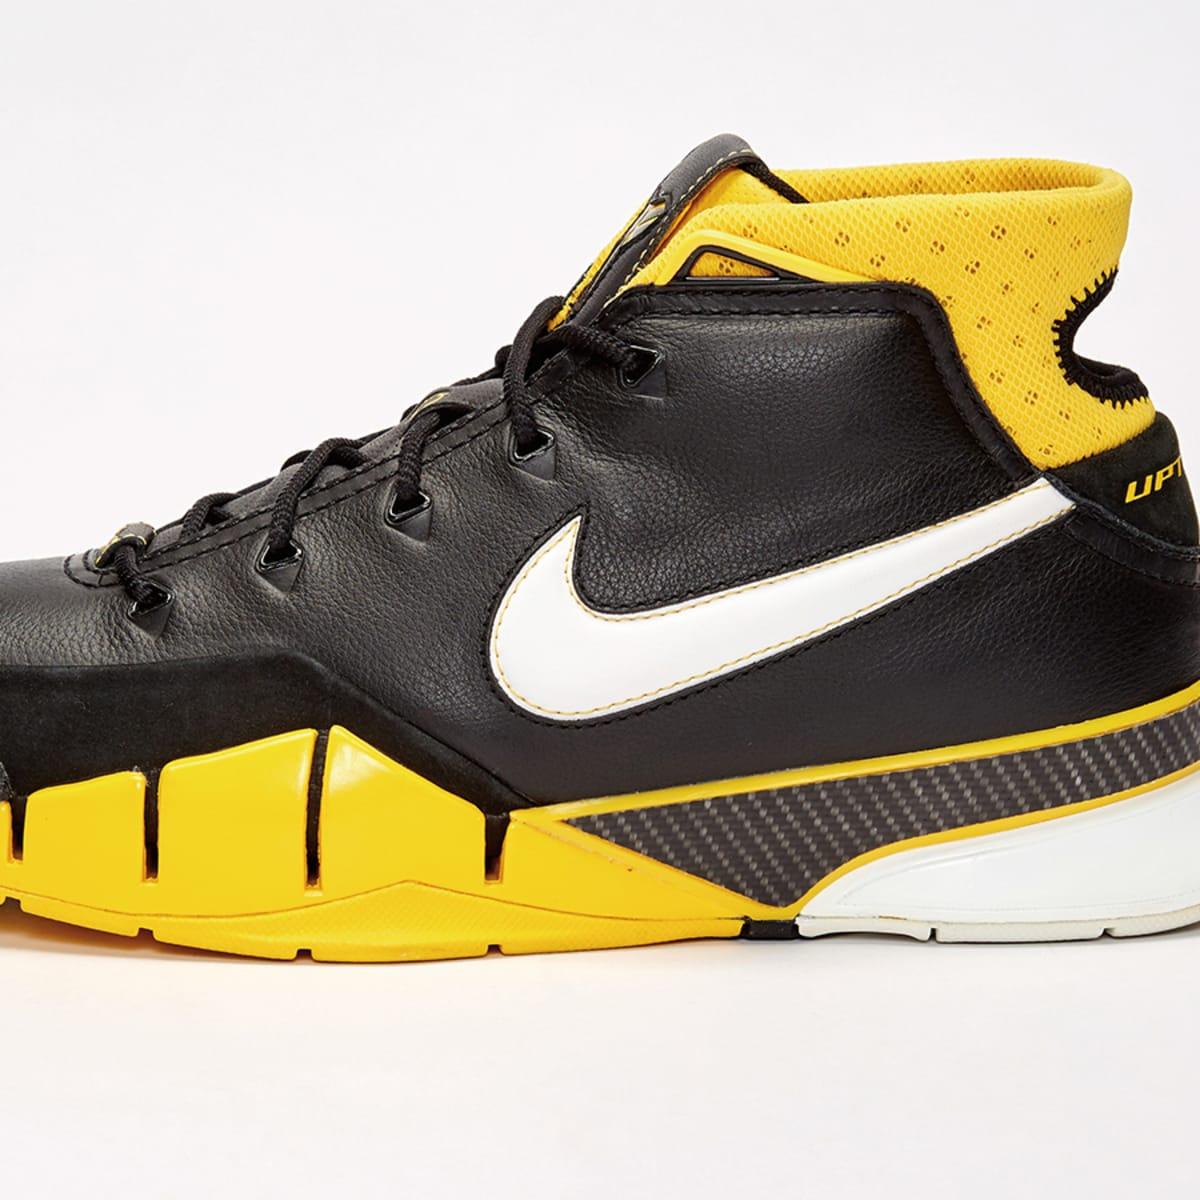 Kobe Bryant's first Nike signature